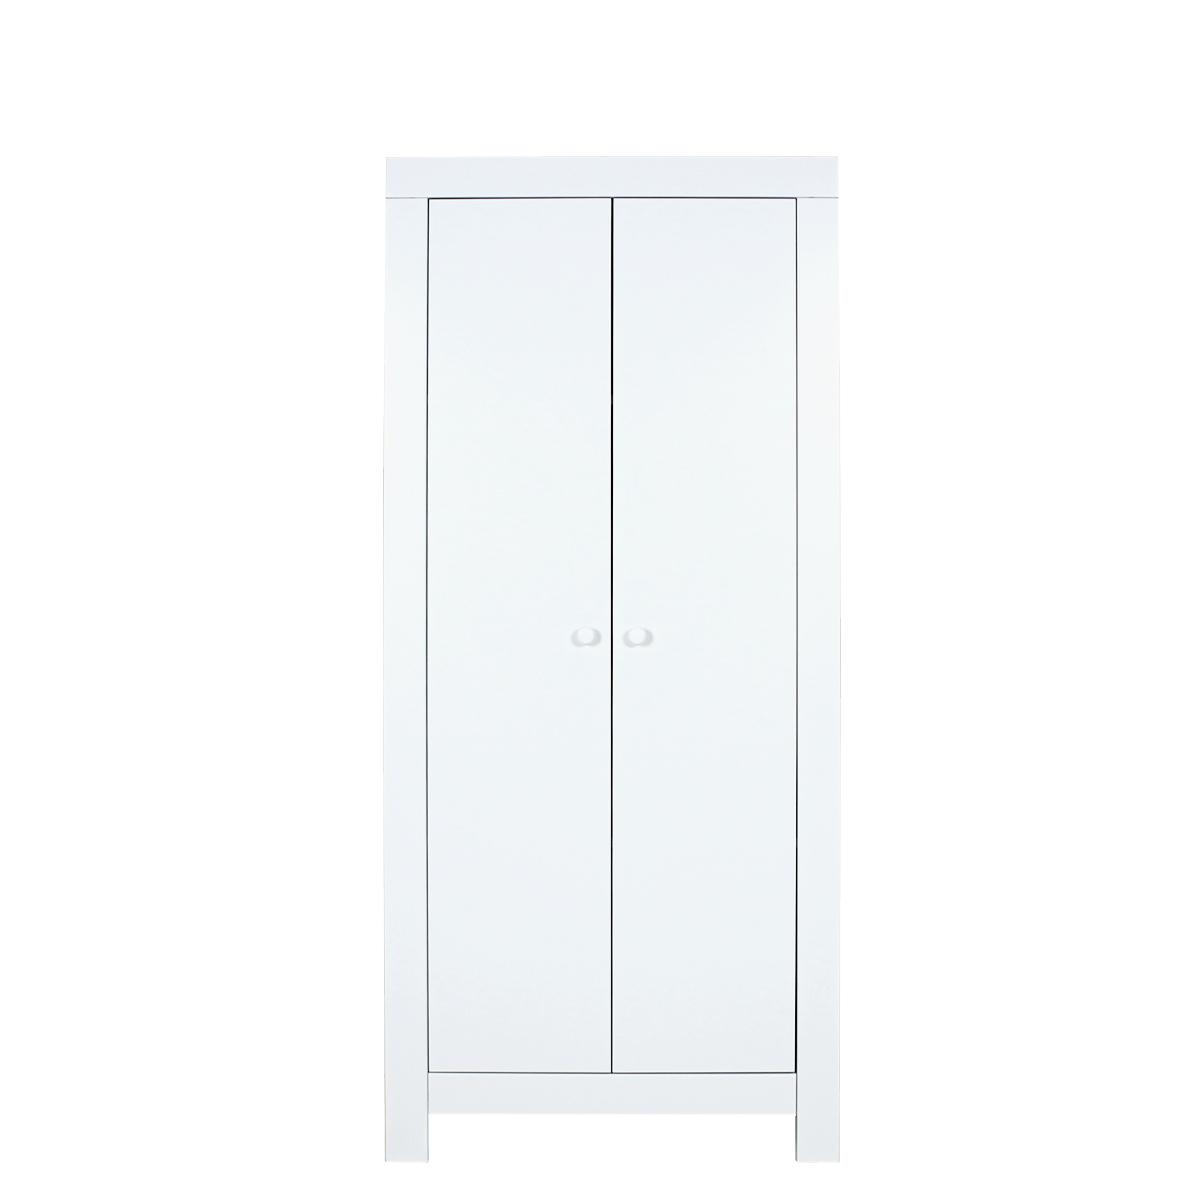 bopita kleiderschrank babyflex klein wei 2 t rig dannenfelser. Black Bedroom Furniture Sets. Home Design Ideas